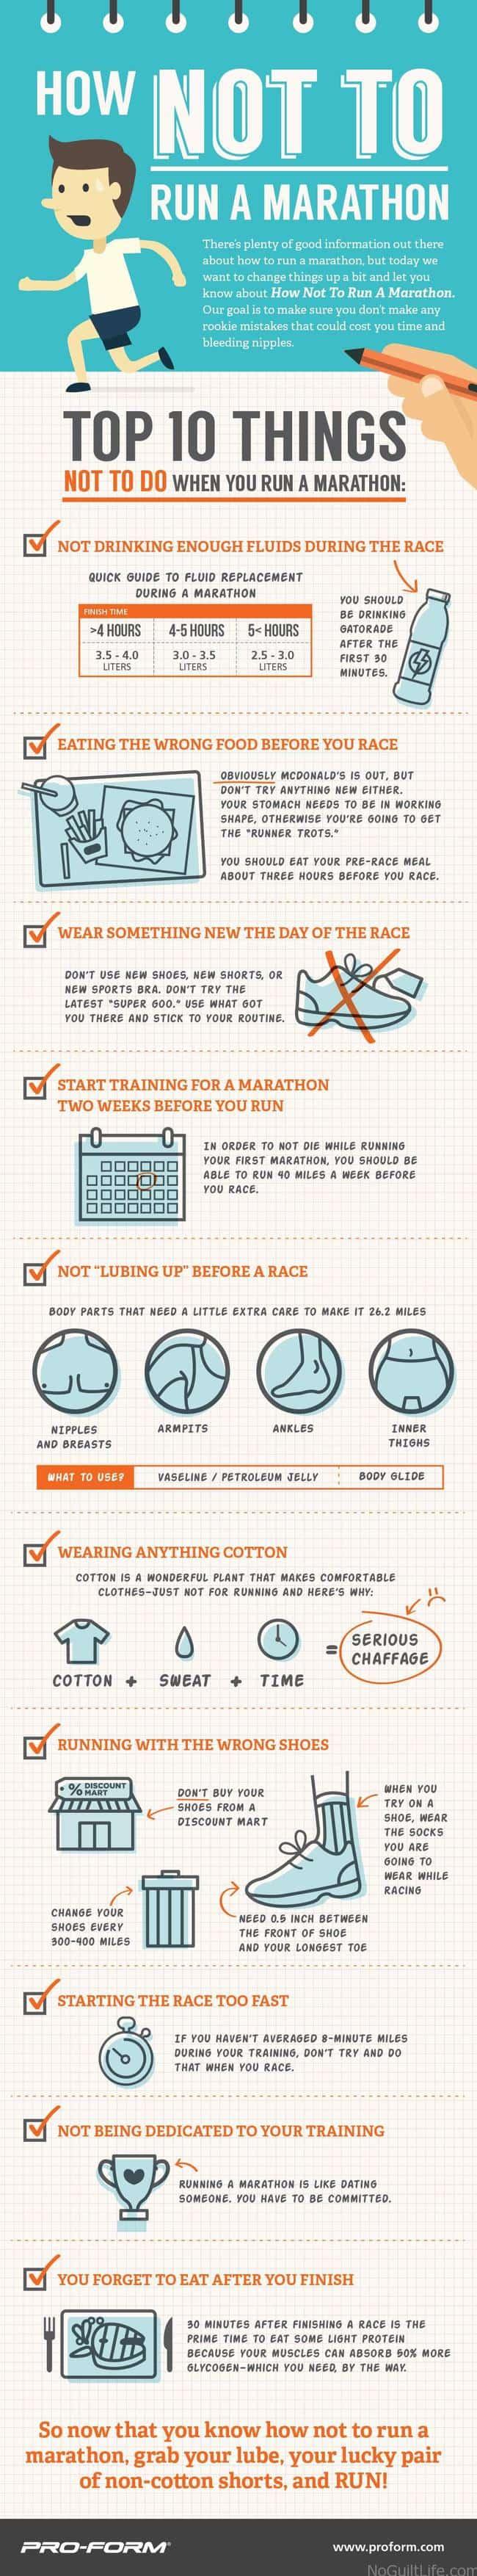 Running the Walt Disney World Marathon in 2018? Today starts your 29-week Galloway training. Marathon training tips (not to do) for your marathon training.